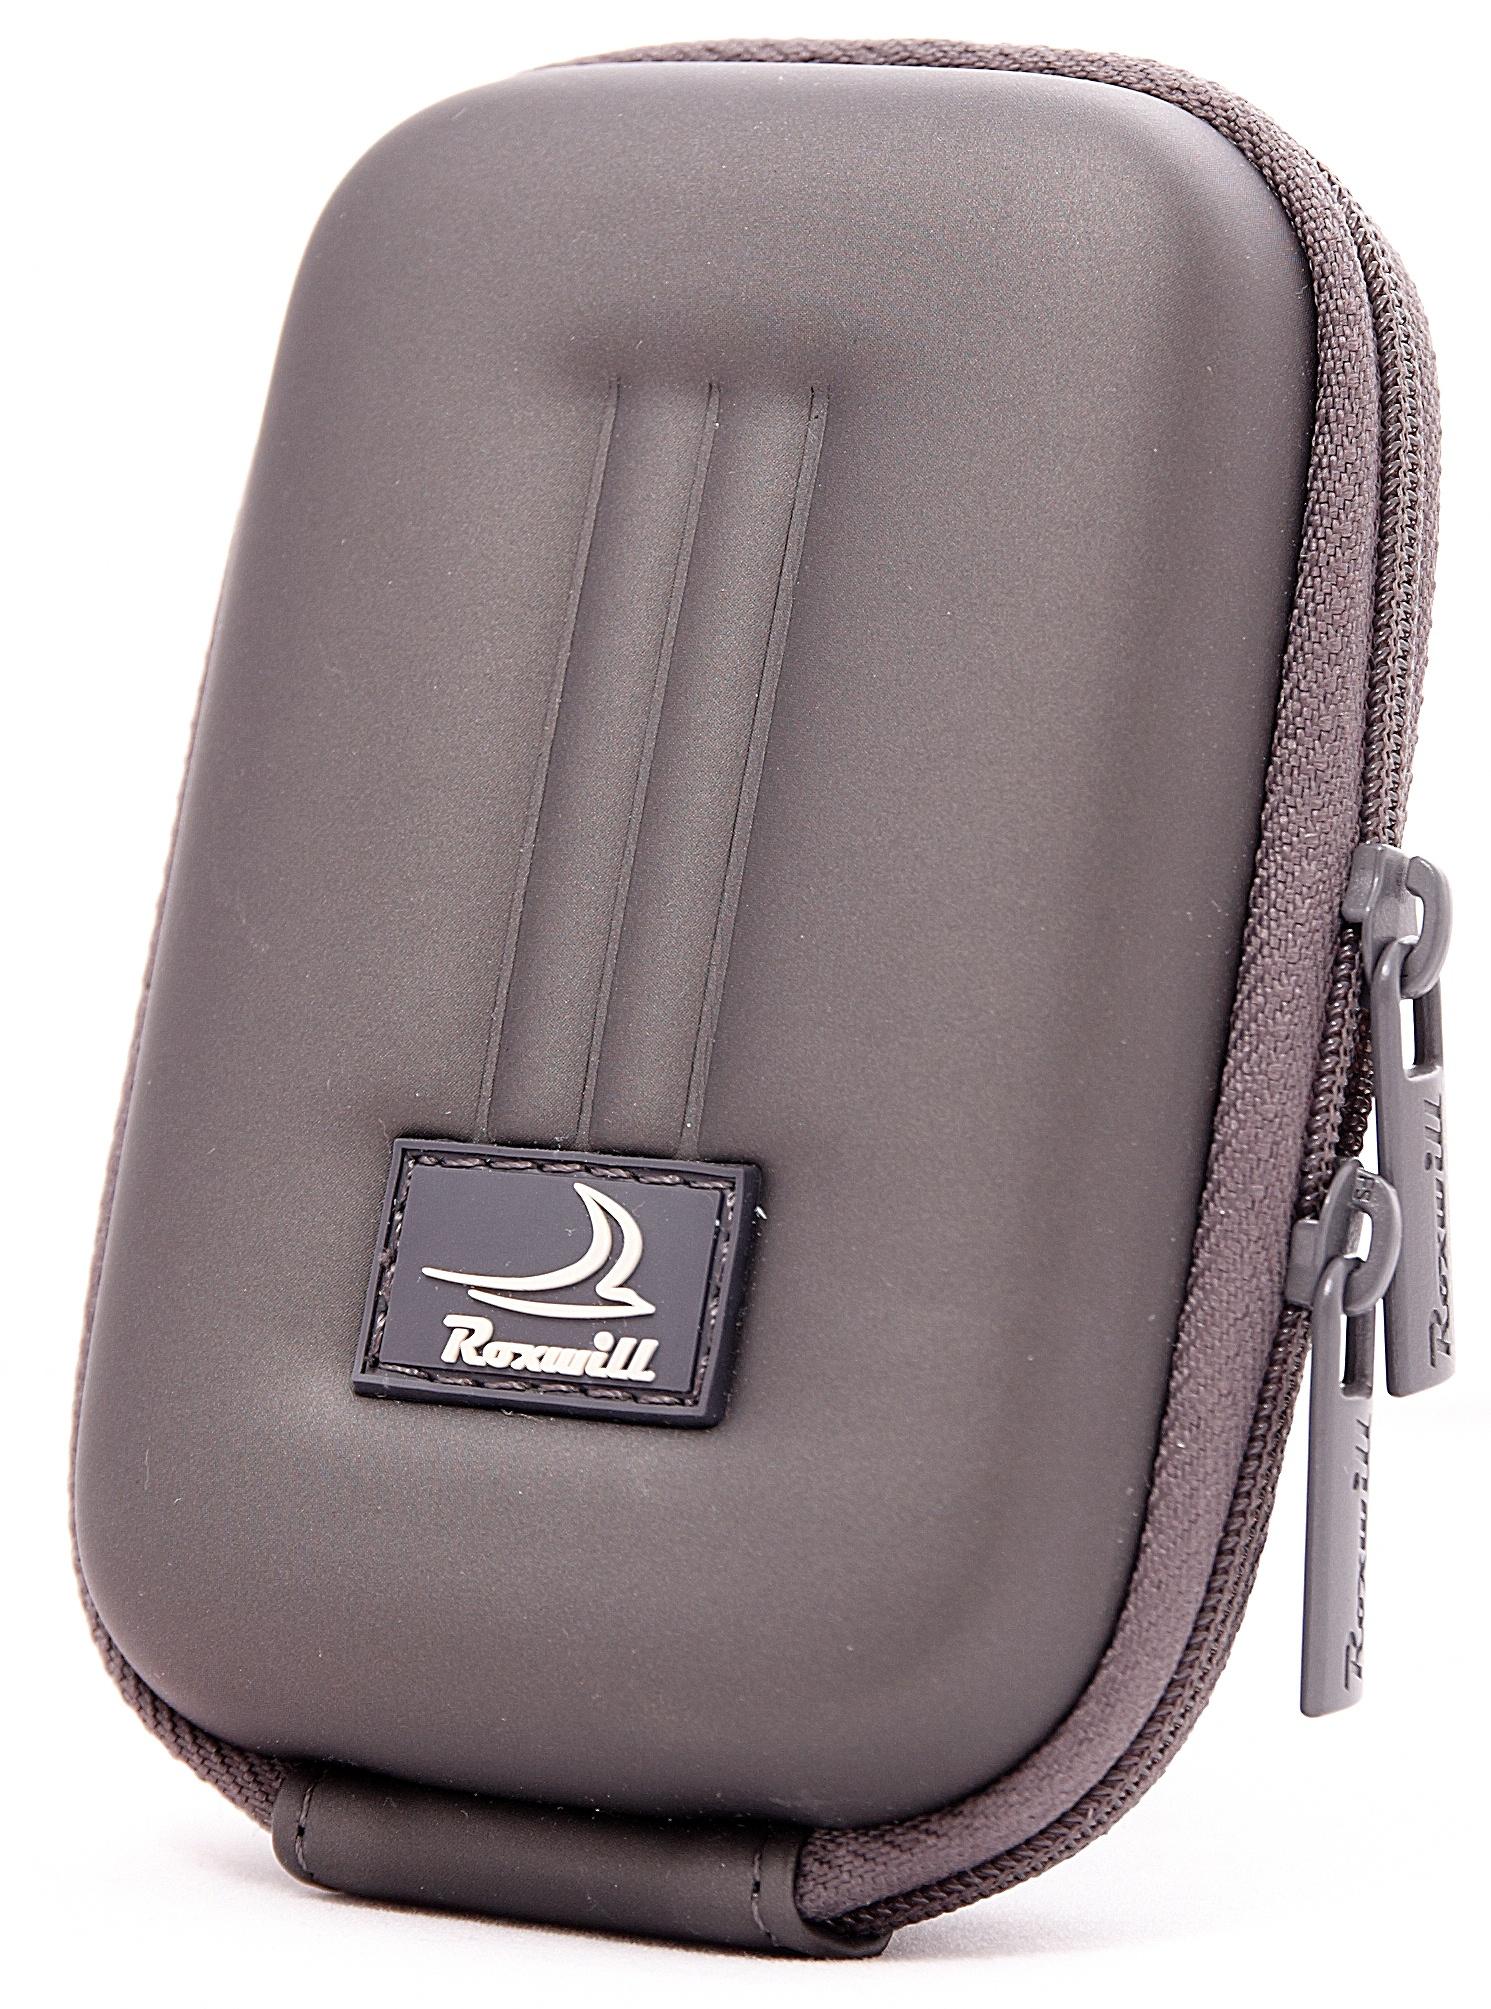 Чехол Roxwill B40 для фотокамер, dark grey roxwill k10 grey чехол для фото и видеокамер